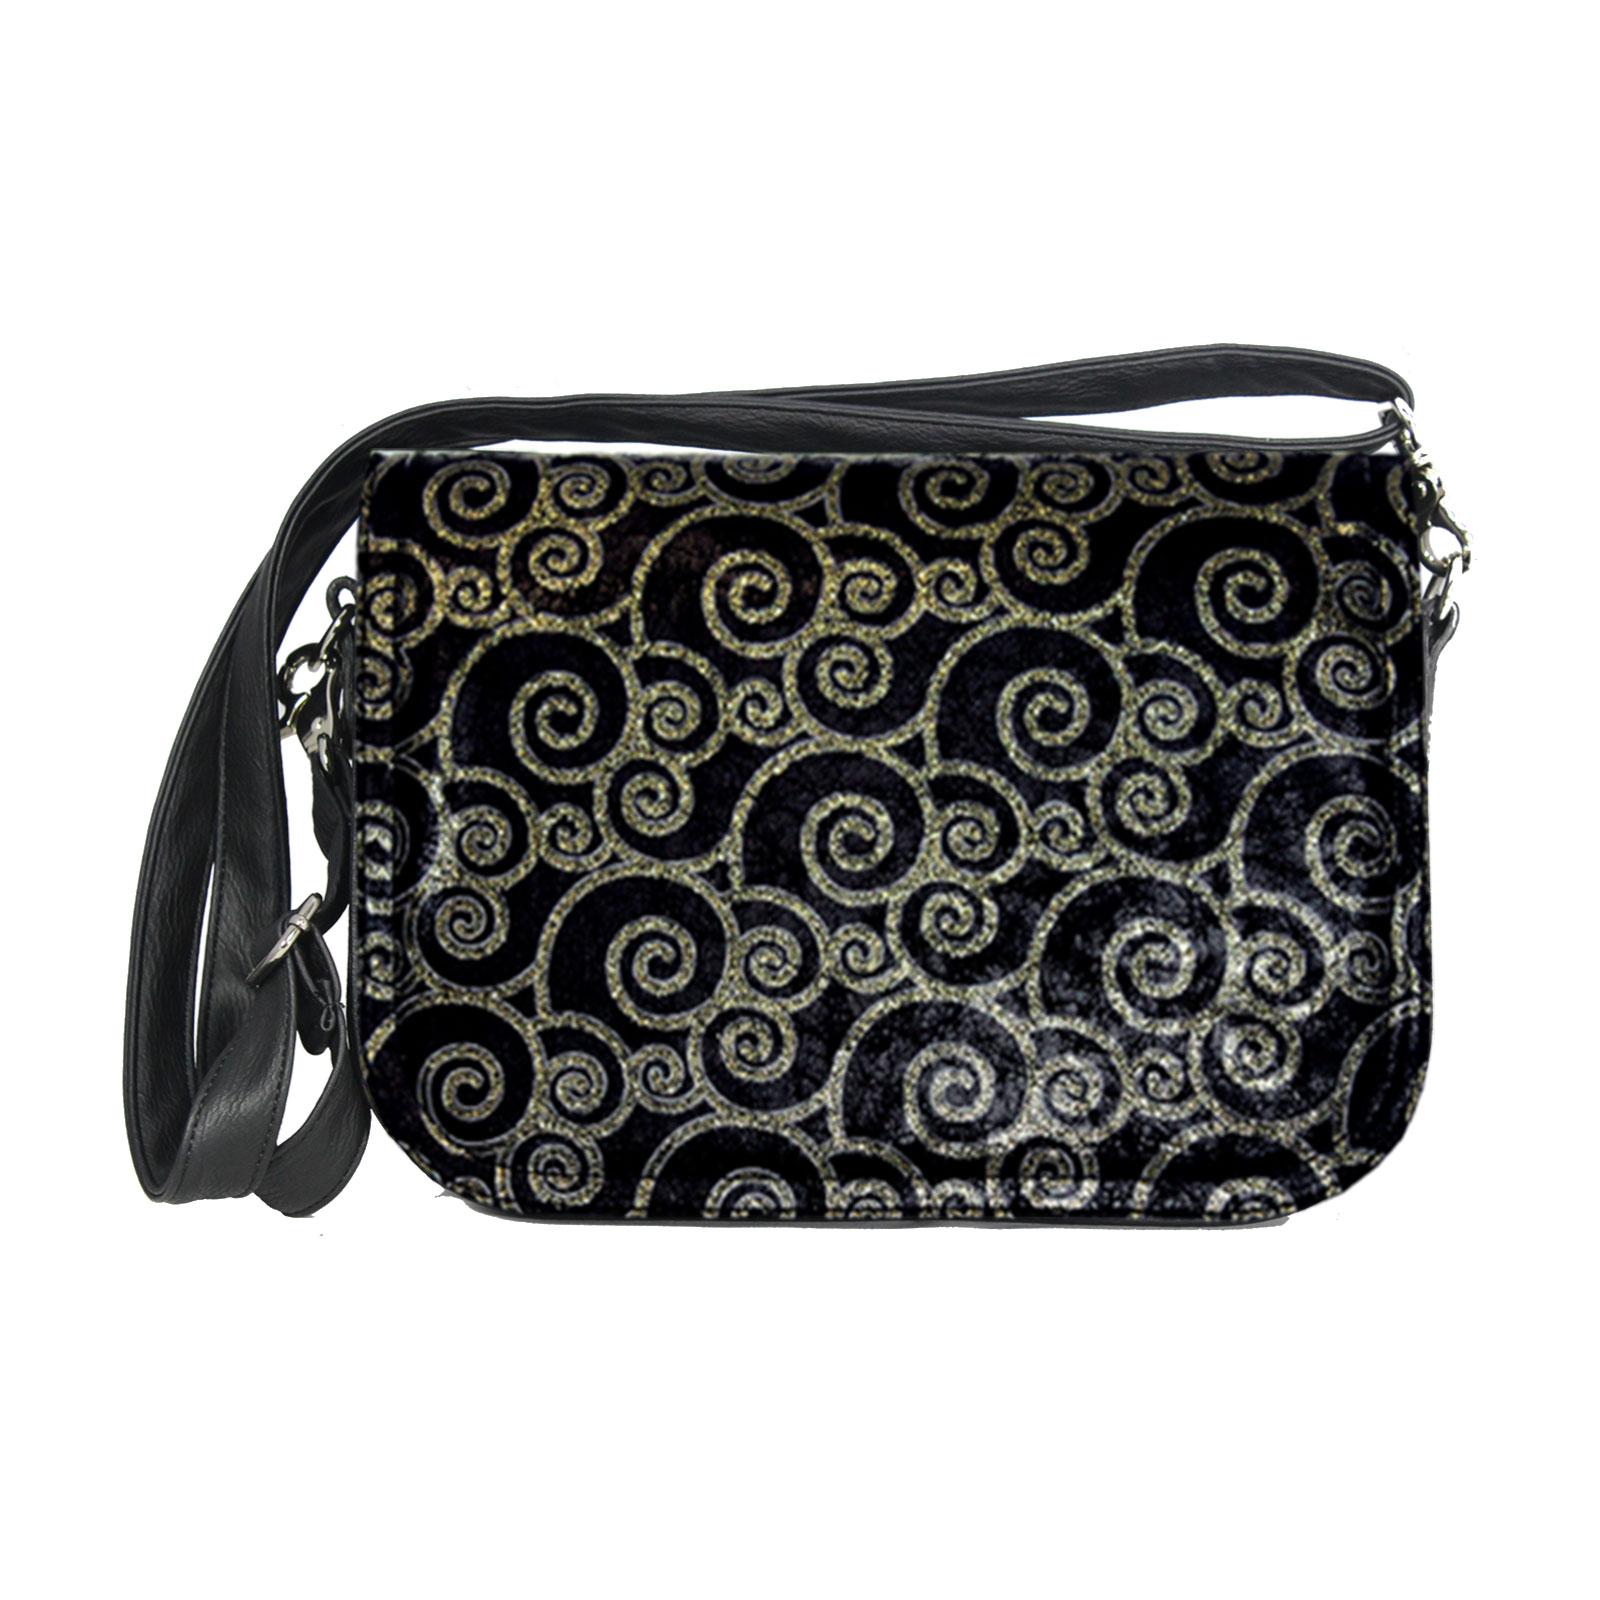 schwarze Handtasche mit goldfarbenen Muster